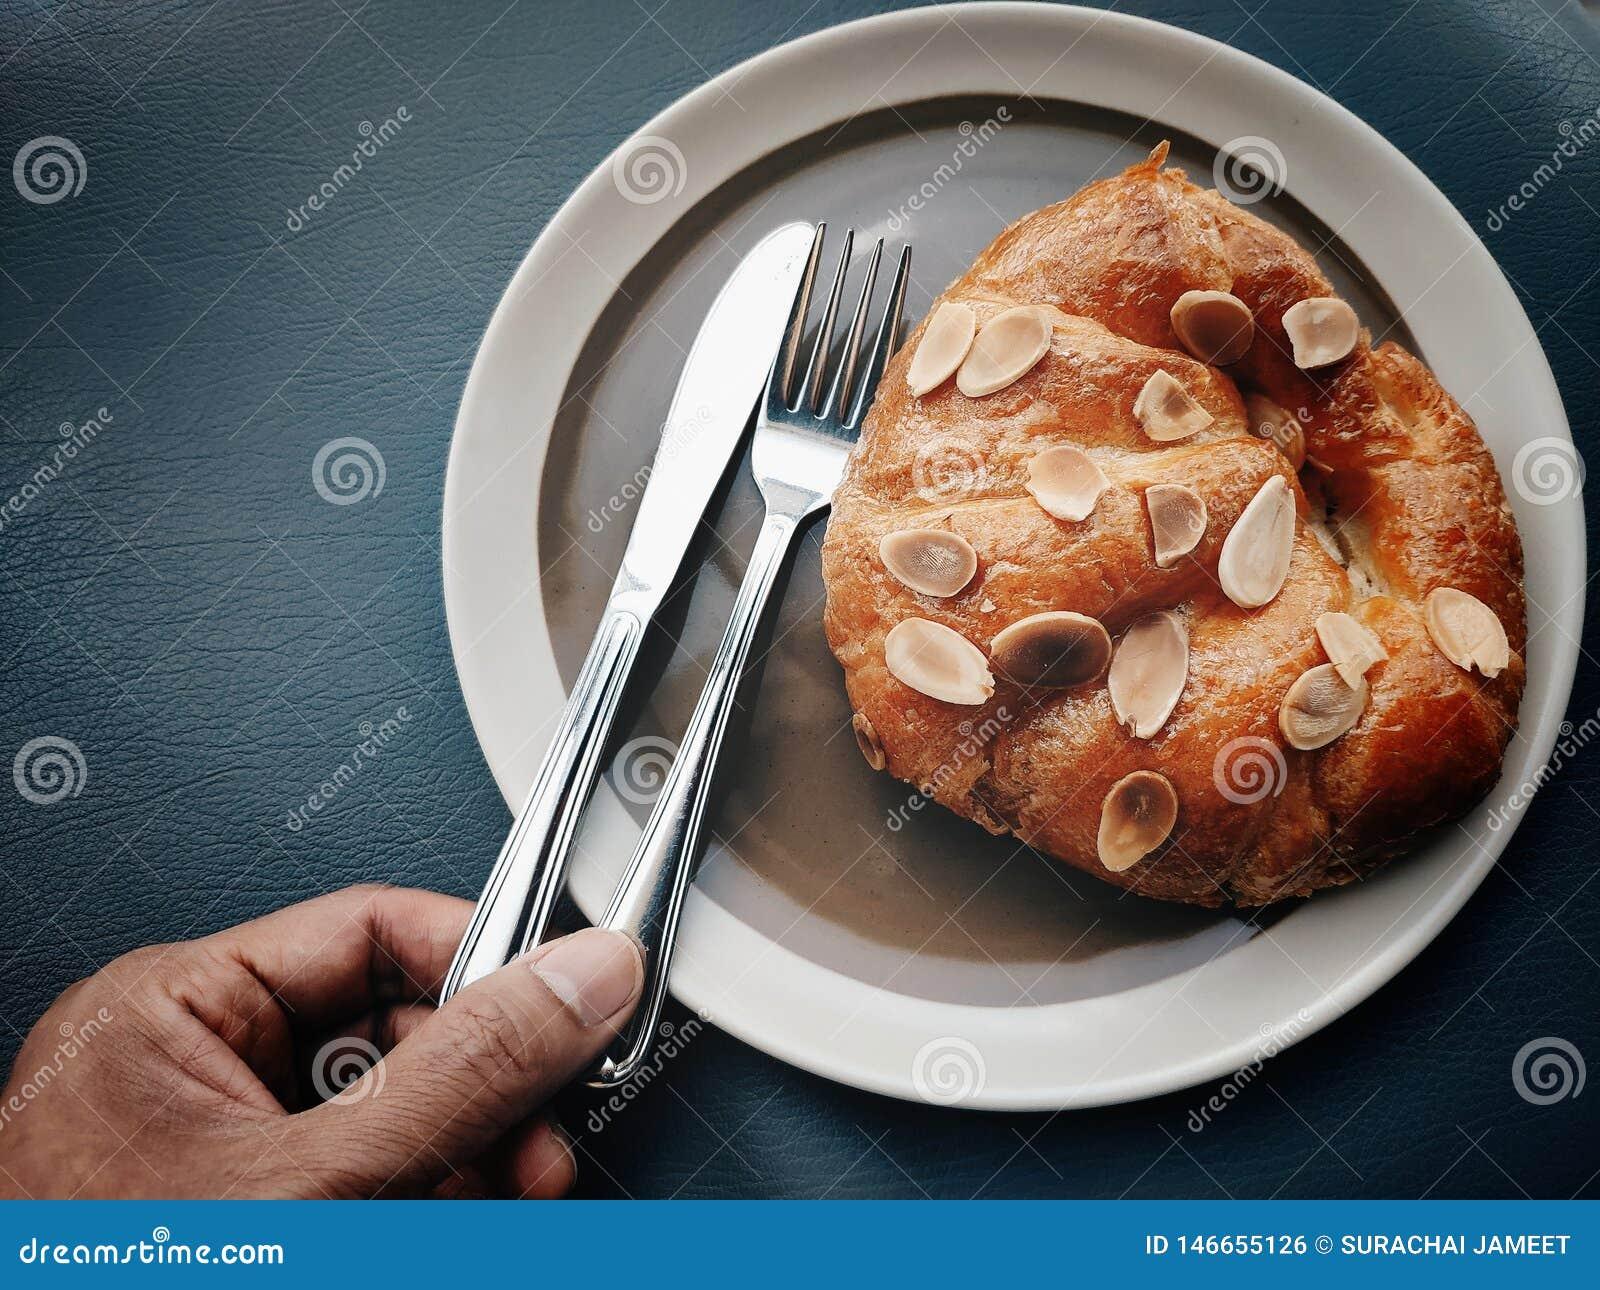 Handen väljer kniven och gaffeln för att äta gifflet med skivade mandlar på överkanten